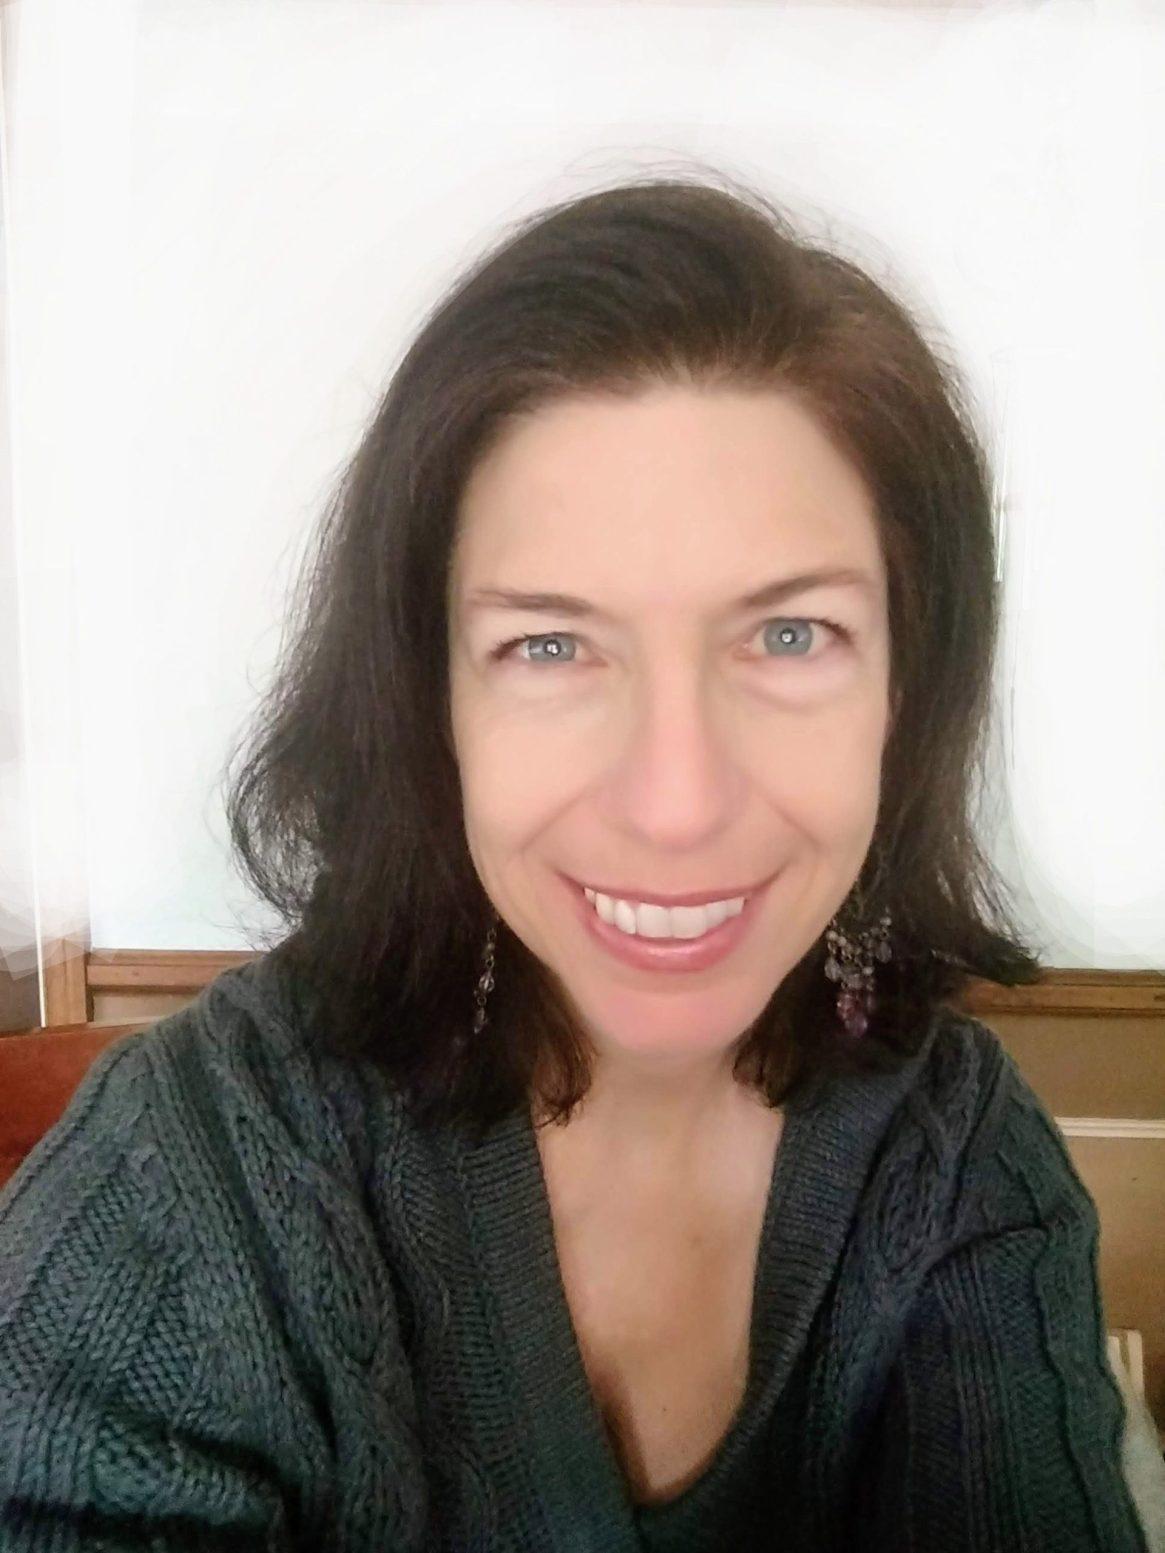 Regina profile pic